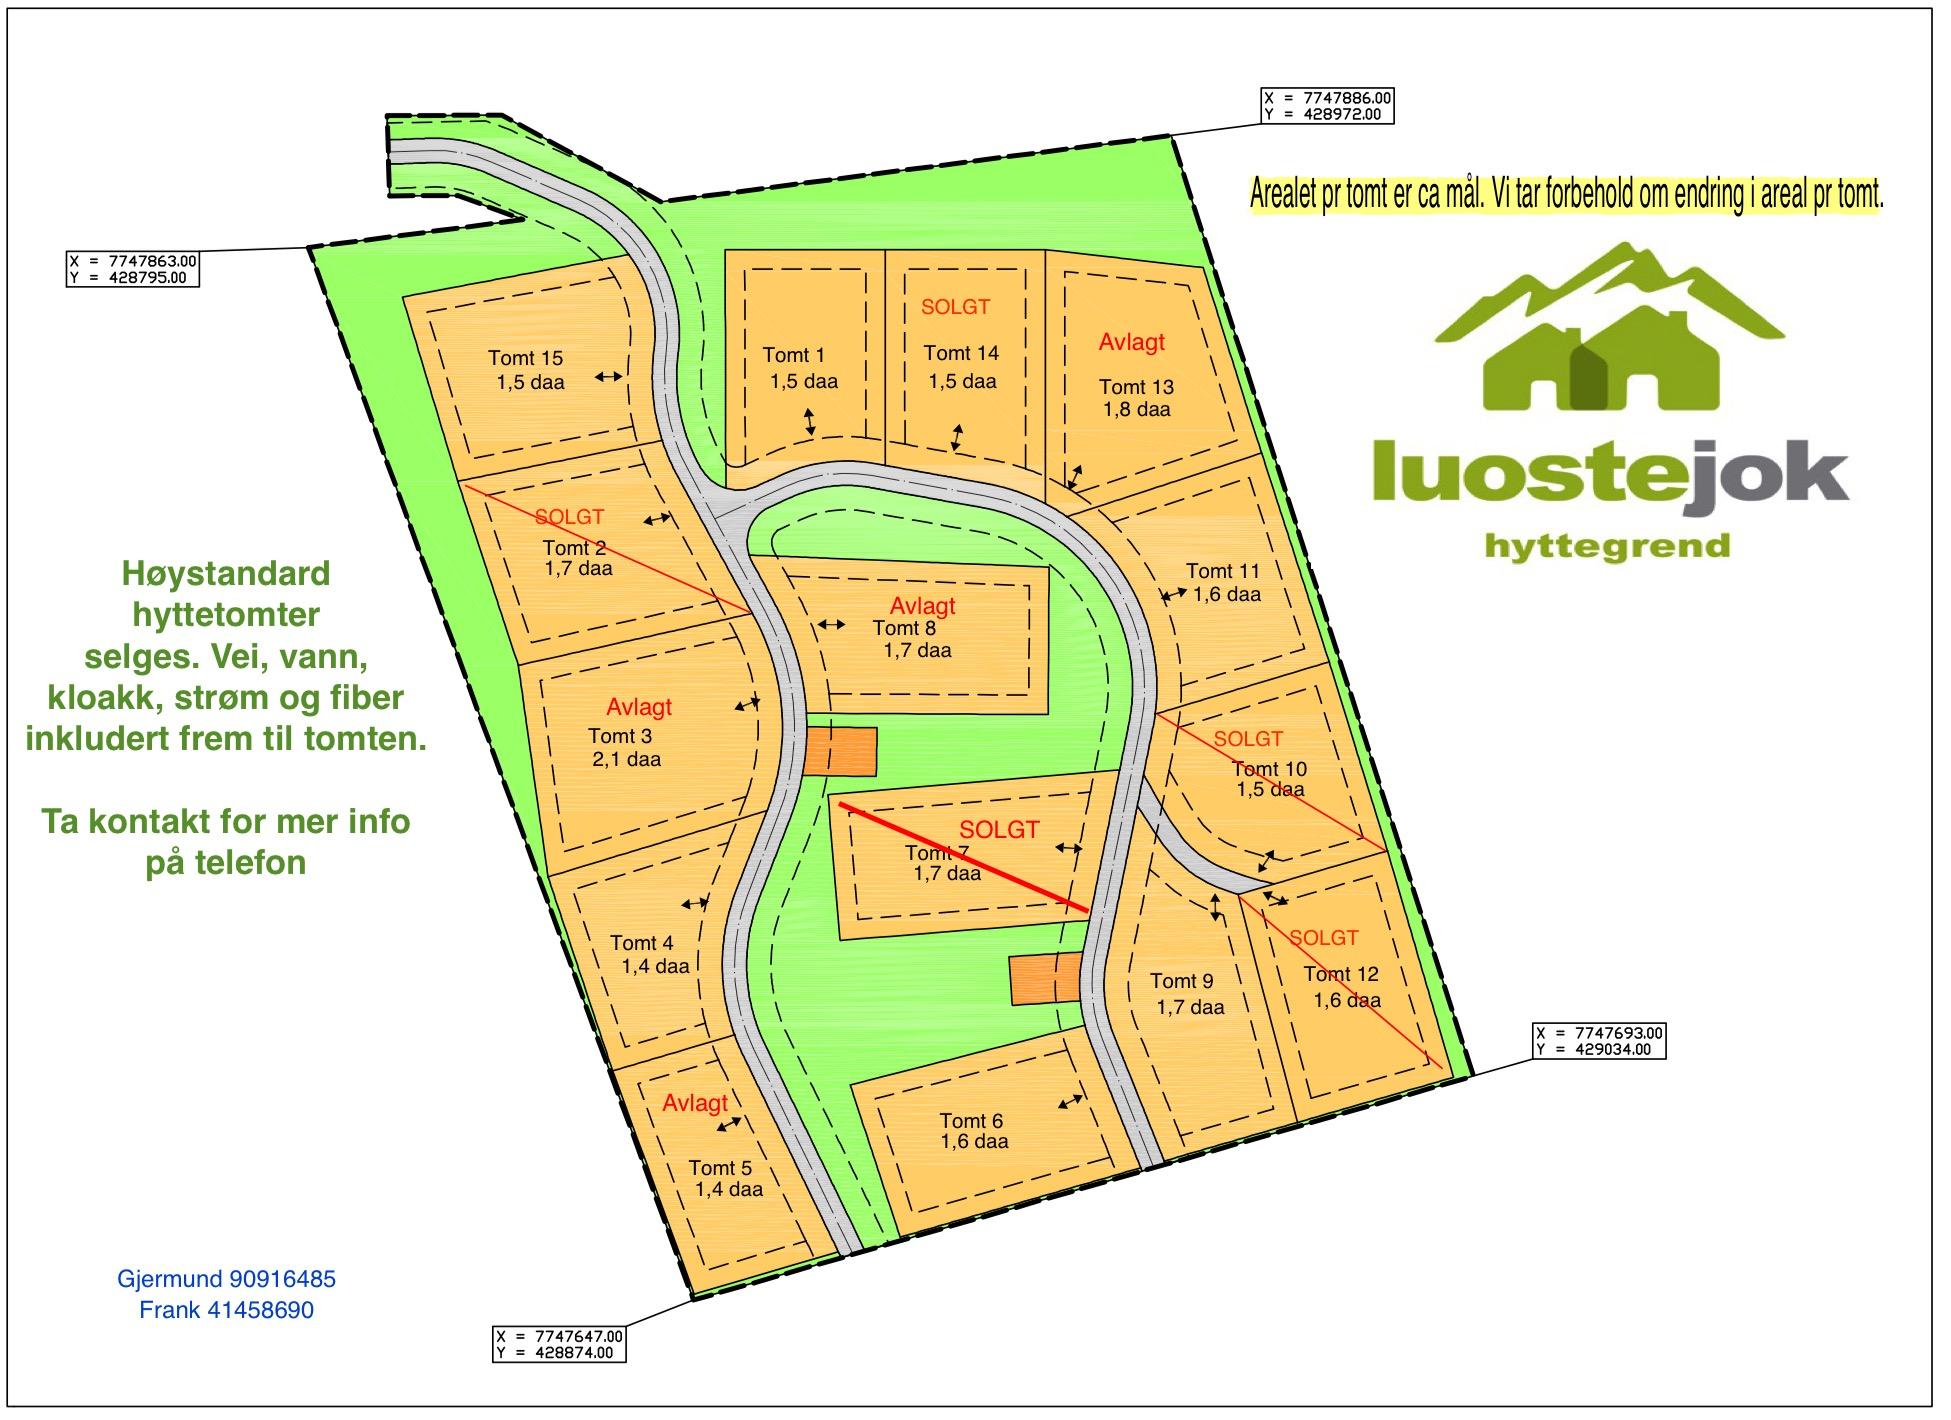 oppdatert kart Oppdatert Kart Luostejok Hyttegrend | Luostejok Hyttegrend oppdatert kart